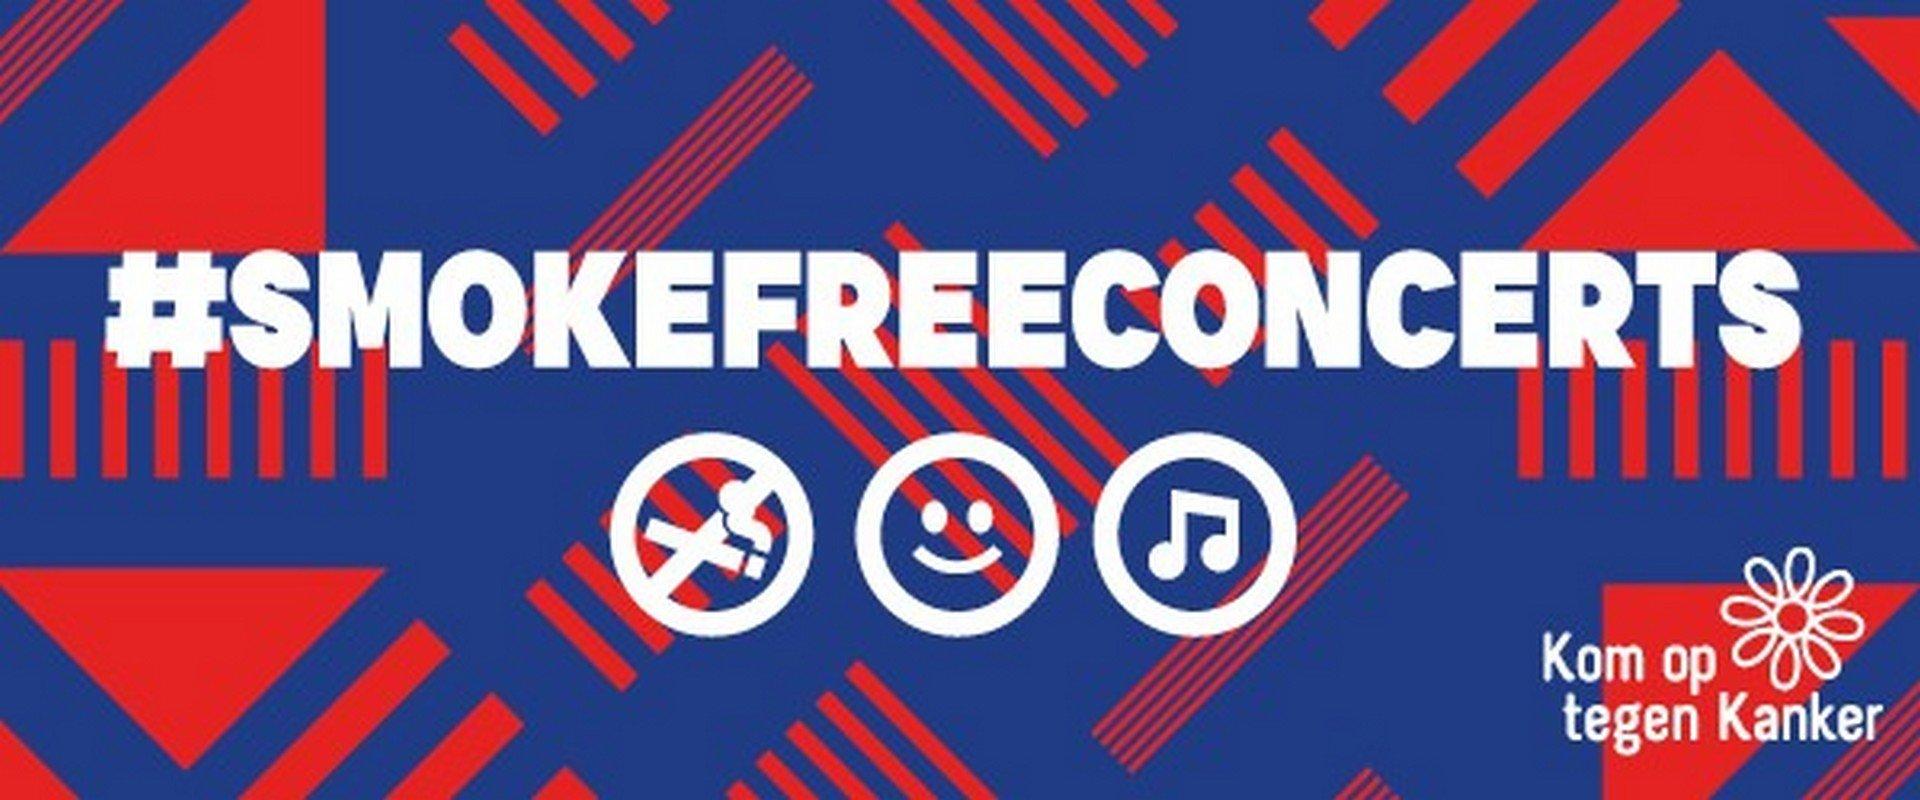 Sportpaleis Group steunt actie van Kom op tegen Kanker - logo smokefreeconcerts